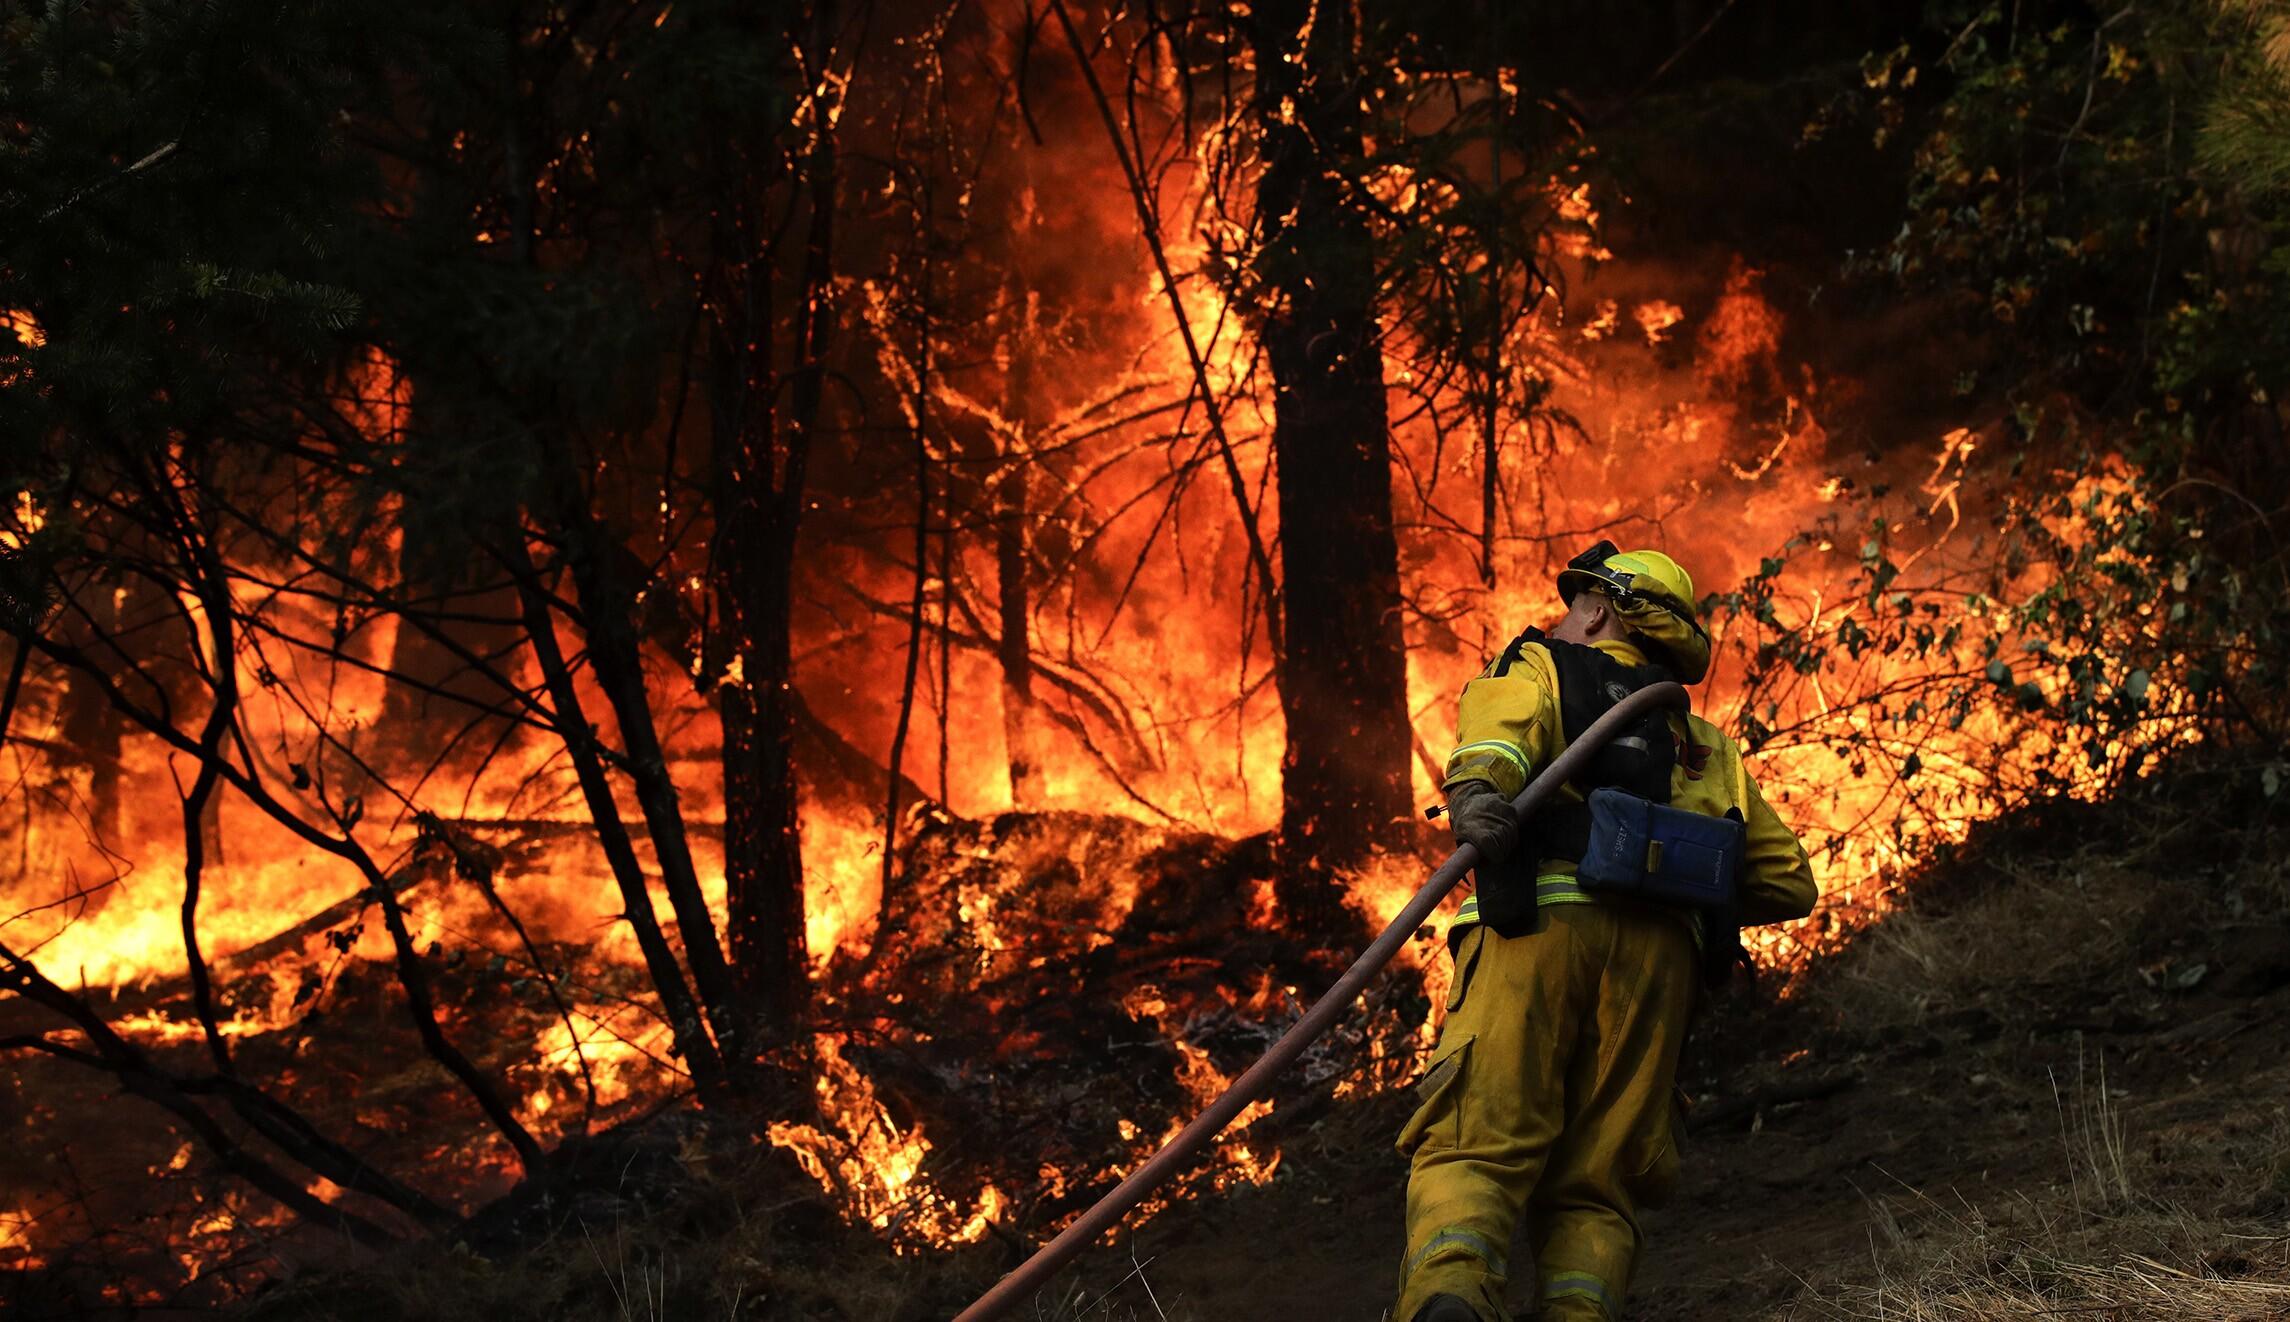 101317 cohen ice california fire pic